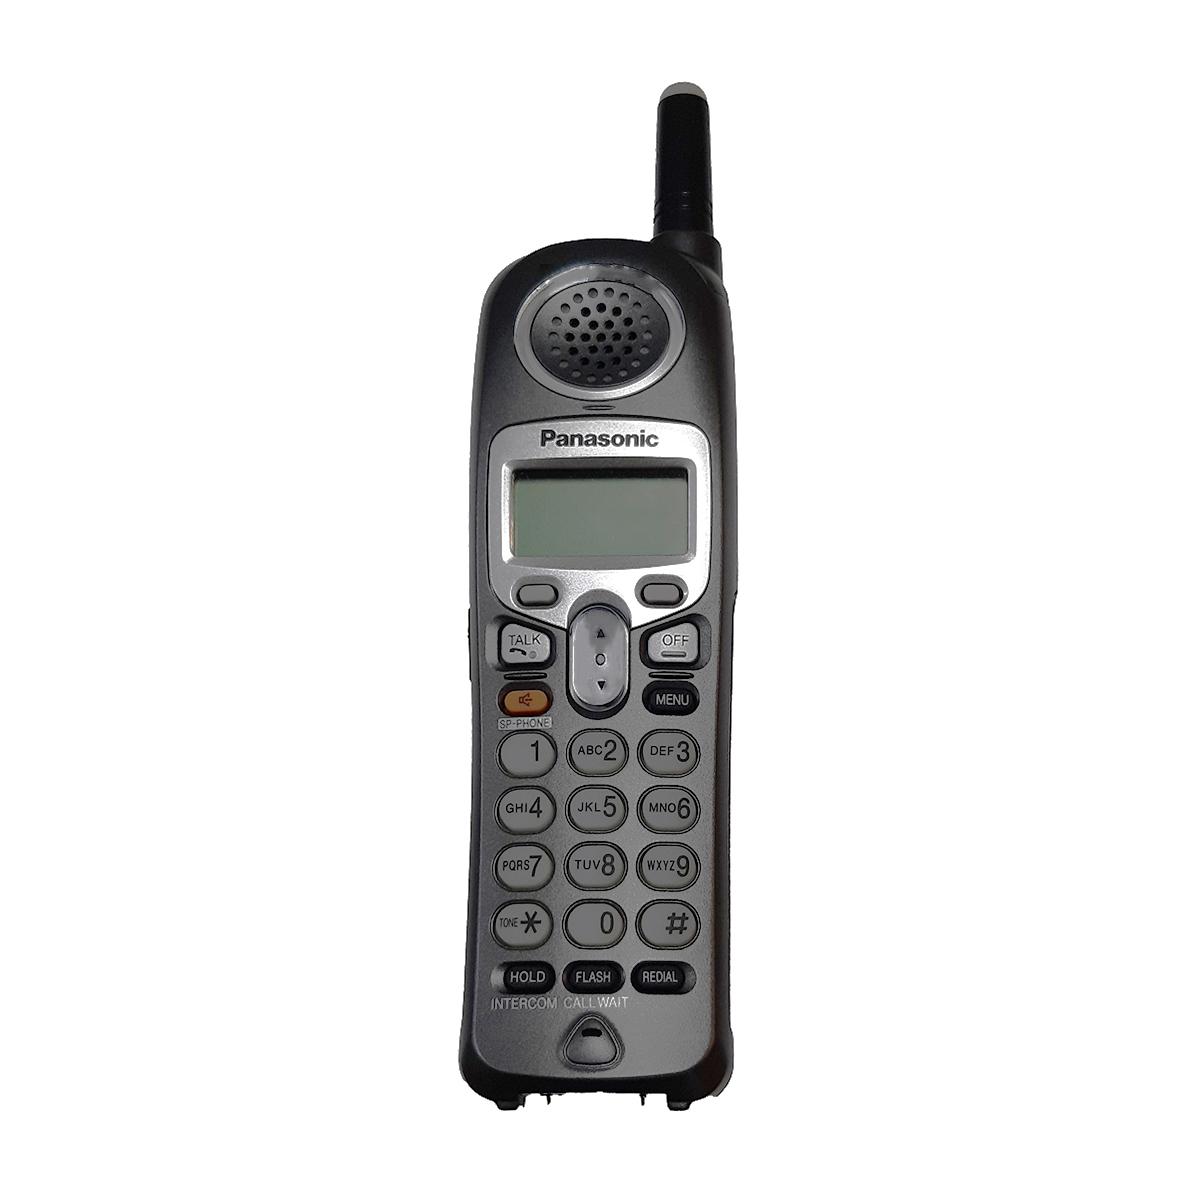 گوشی اضافه تلفن پاناسونیک مدل 2361